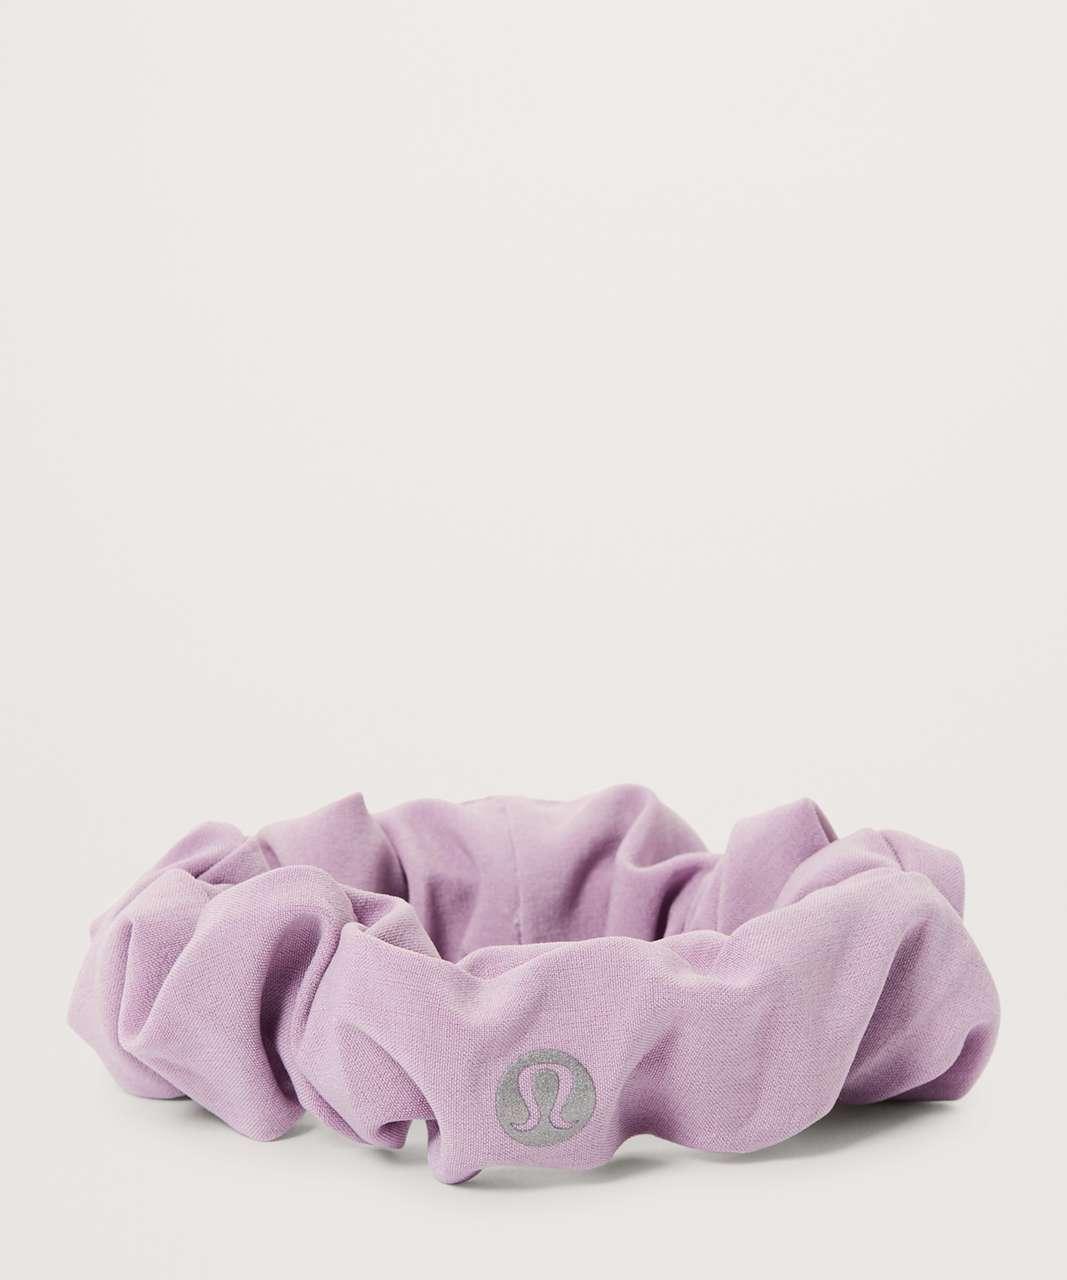 Lululemon Uplifting Scrunchie - Lilac Quartz